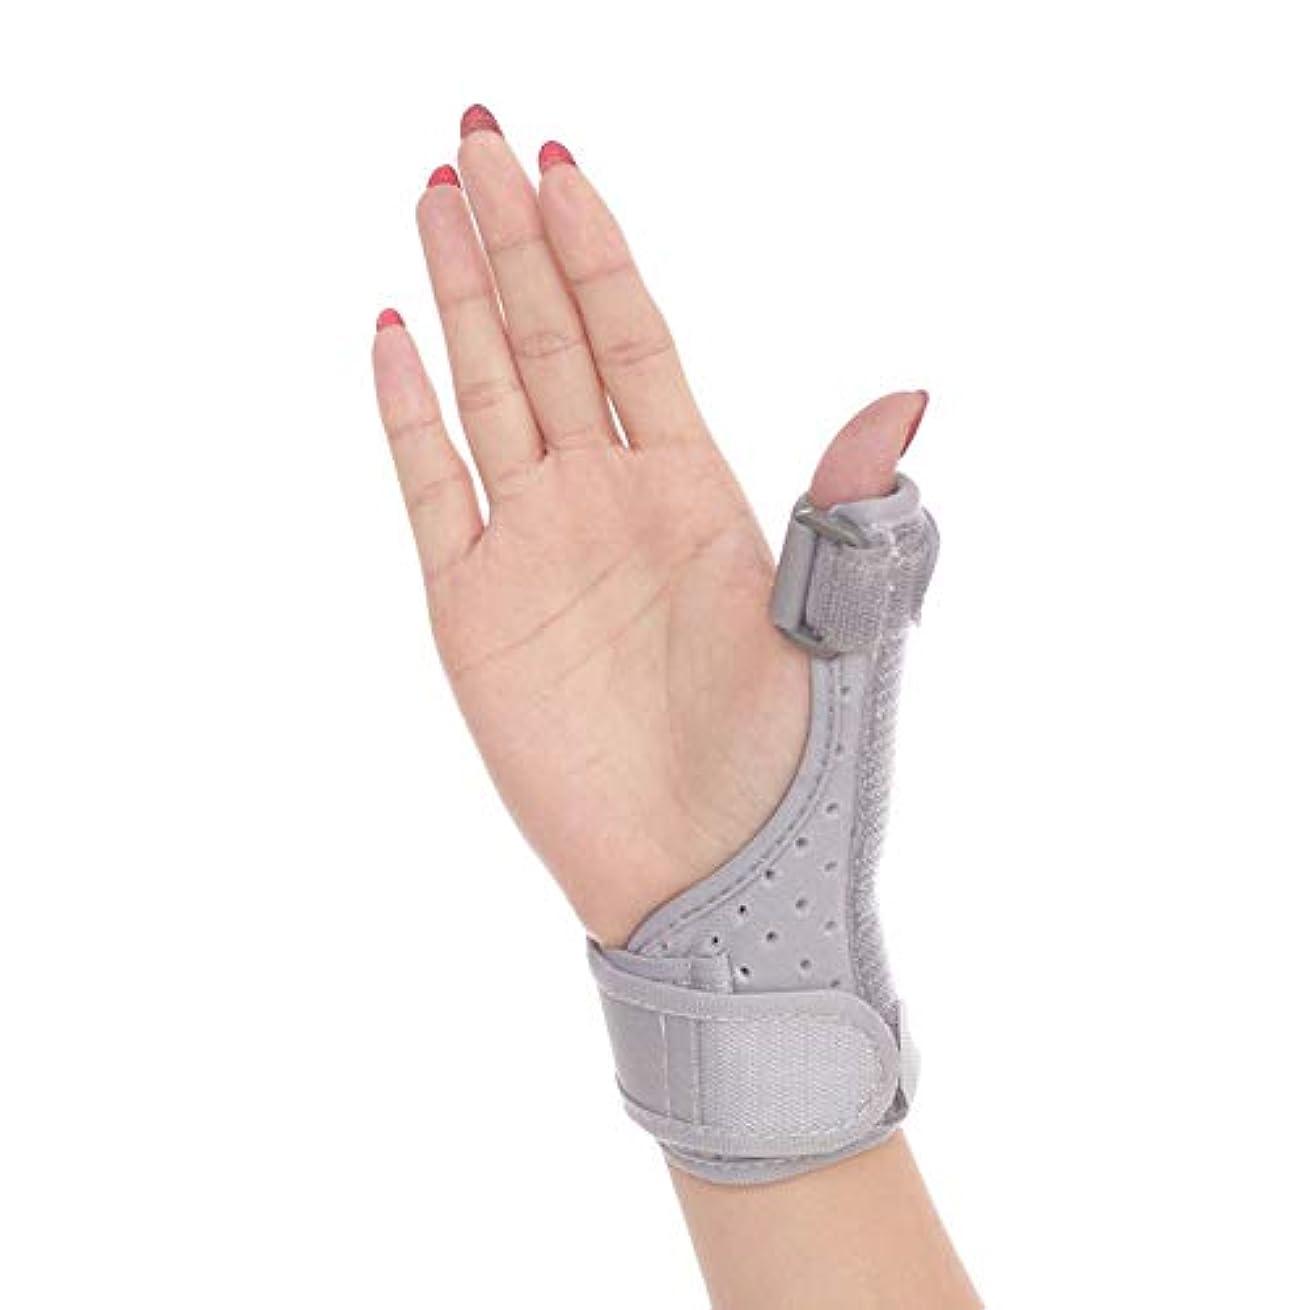 に負ける気づかない代わって手首の親指の指の副木、関節炎、腱炎、手根管の痛みの軽減、軽量で 調節可能なサイズに適しています